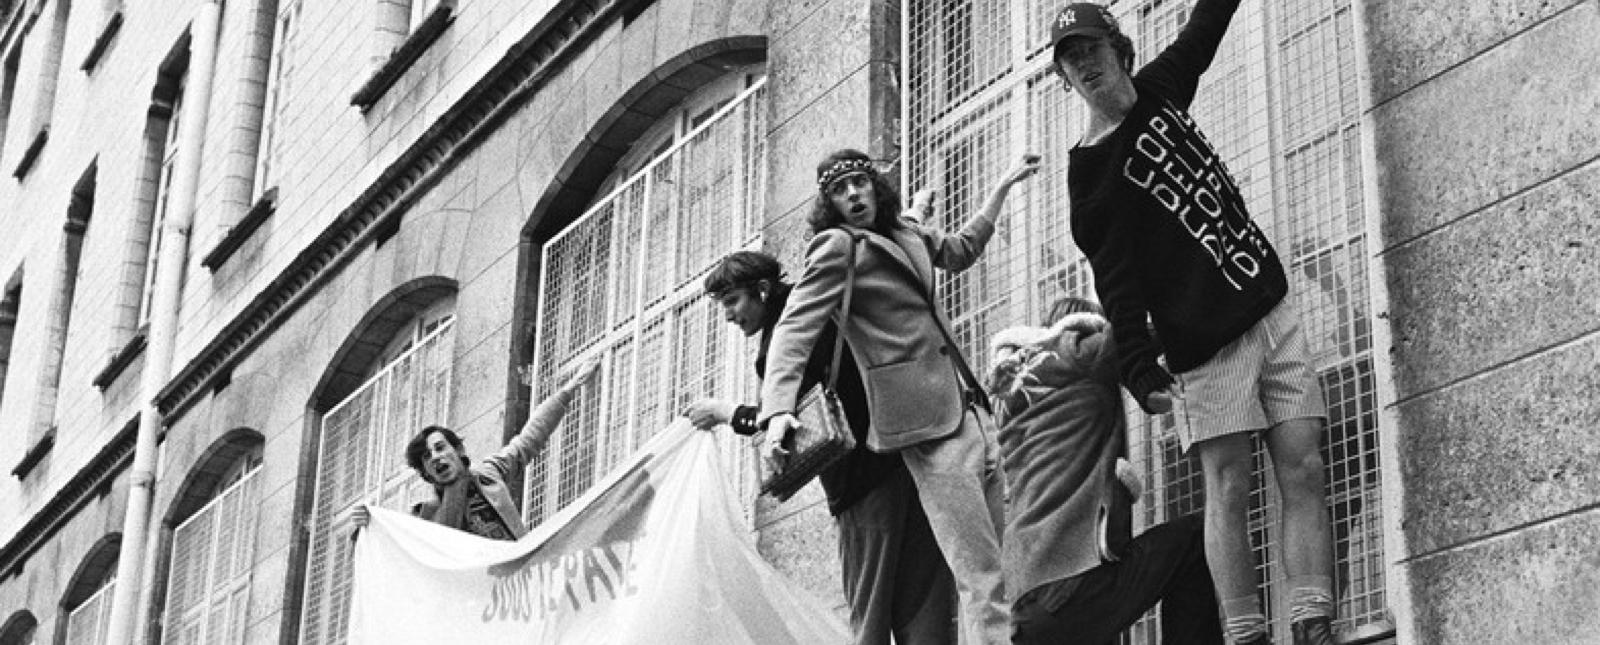 Vestir la revolución: Moda y estéticas políticas en 1968